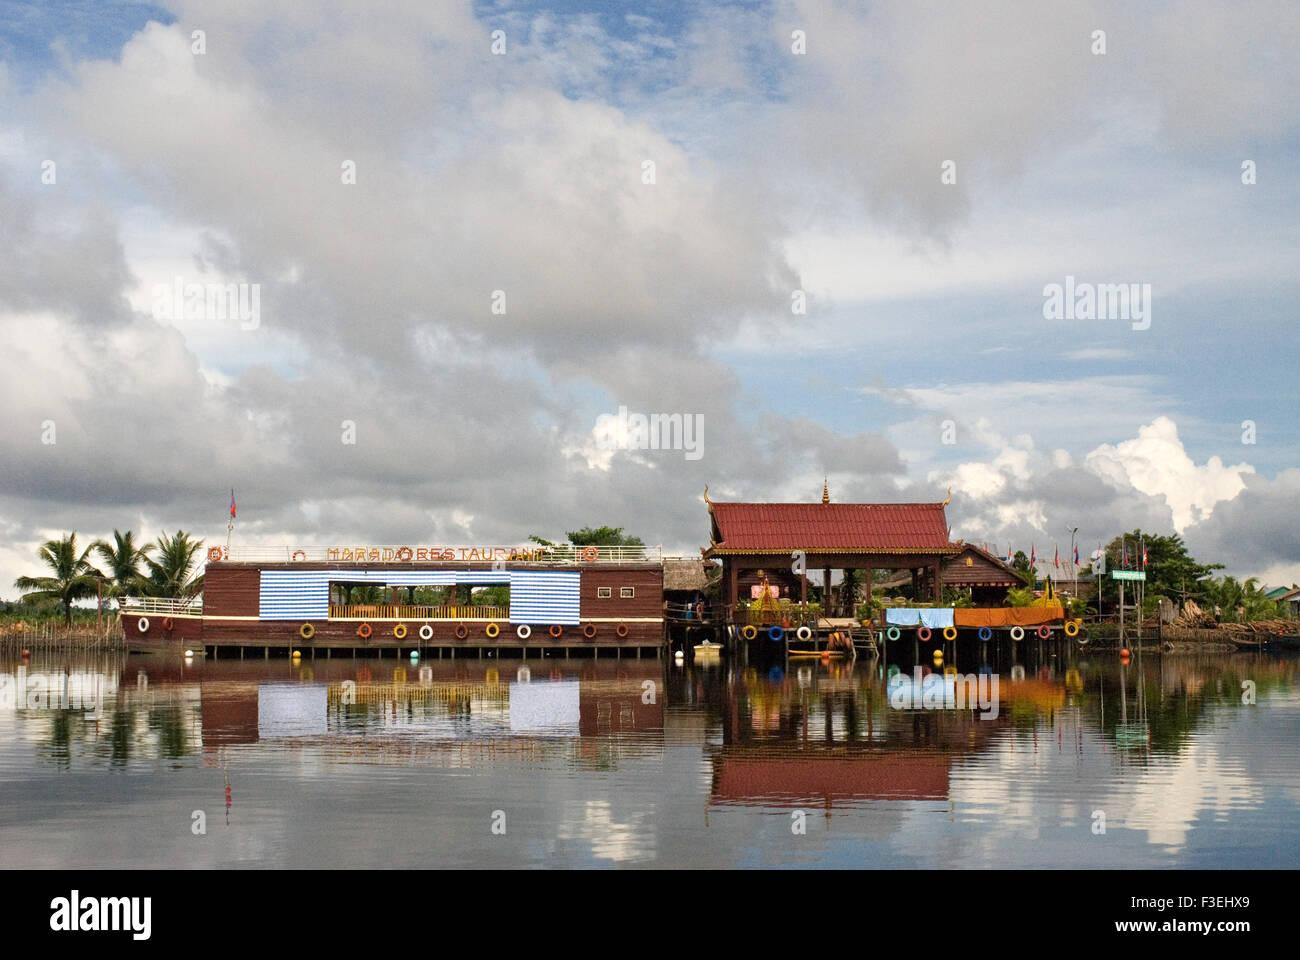 Barco restaurante flotante en el Parque Nacional de Ream. El Parque Nacional de Ream está a 18 km del centro de la ciudad de Sihanoukville, hacia el PHN Foto de stock